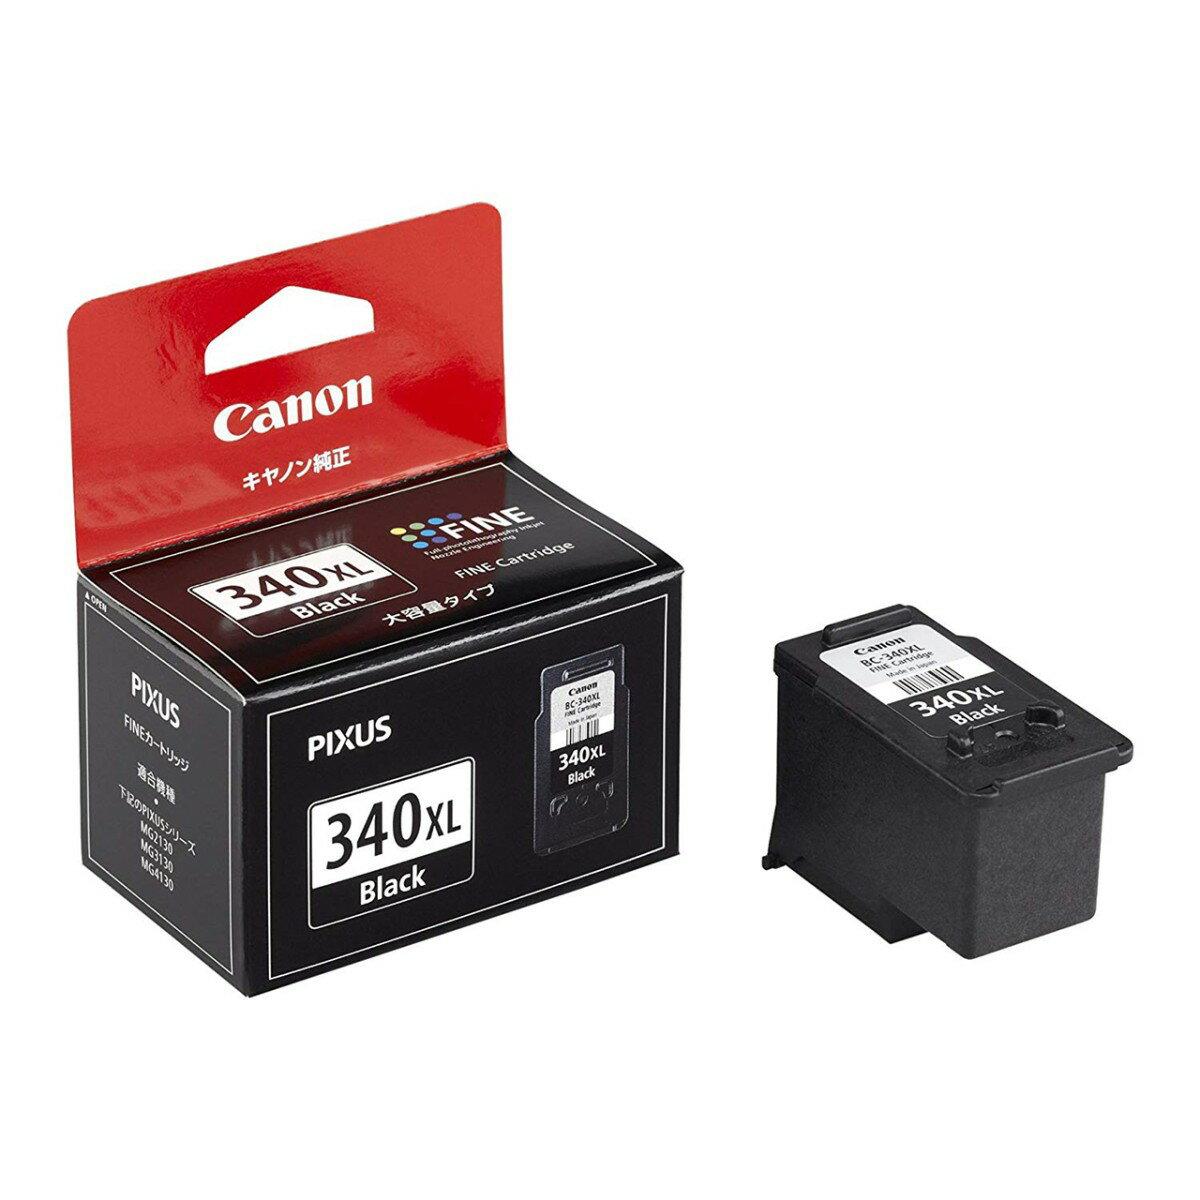 キャノン 純正インク BC-340XL (ブラック・大容量) FINEカートリッジキヤノン 【Canon】